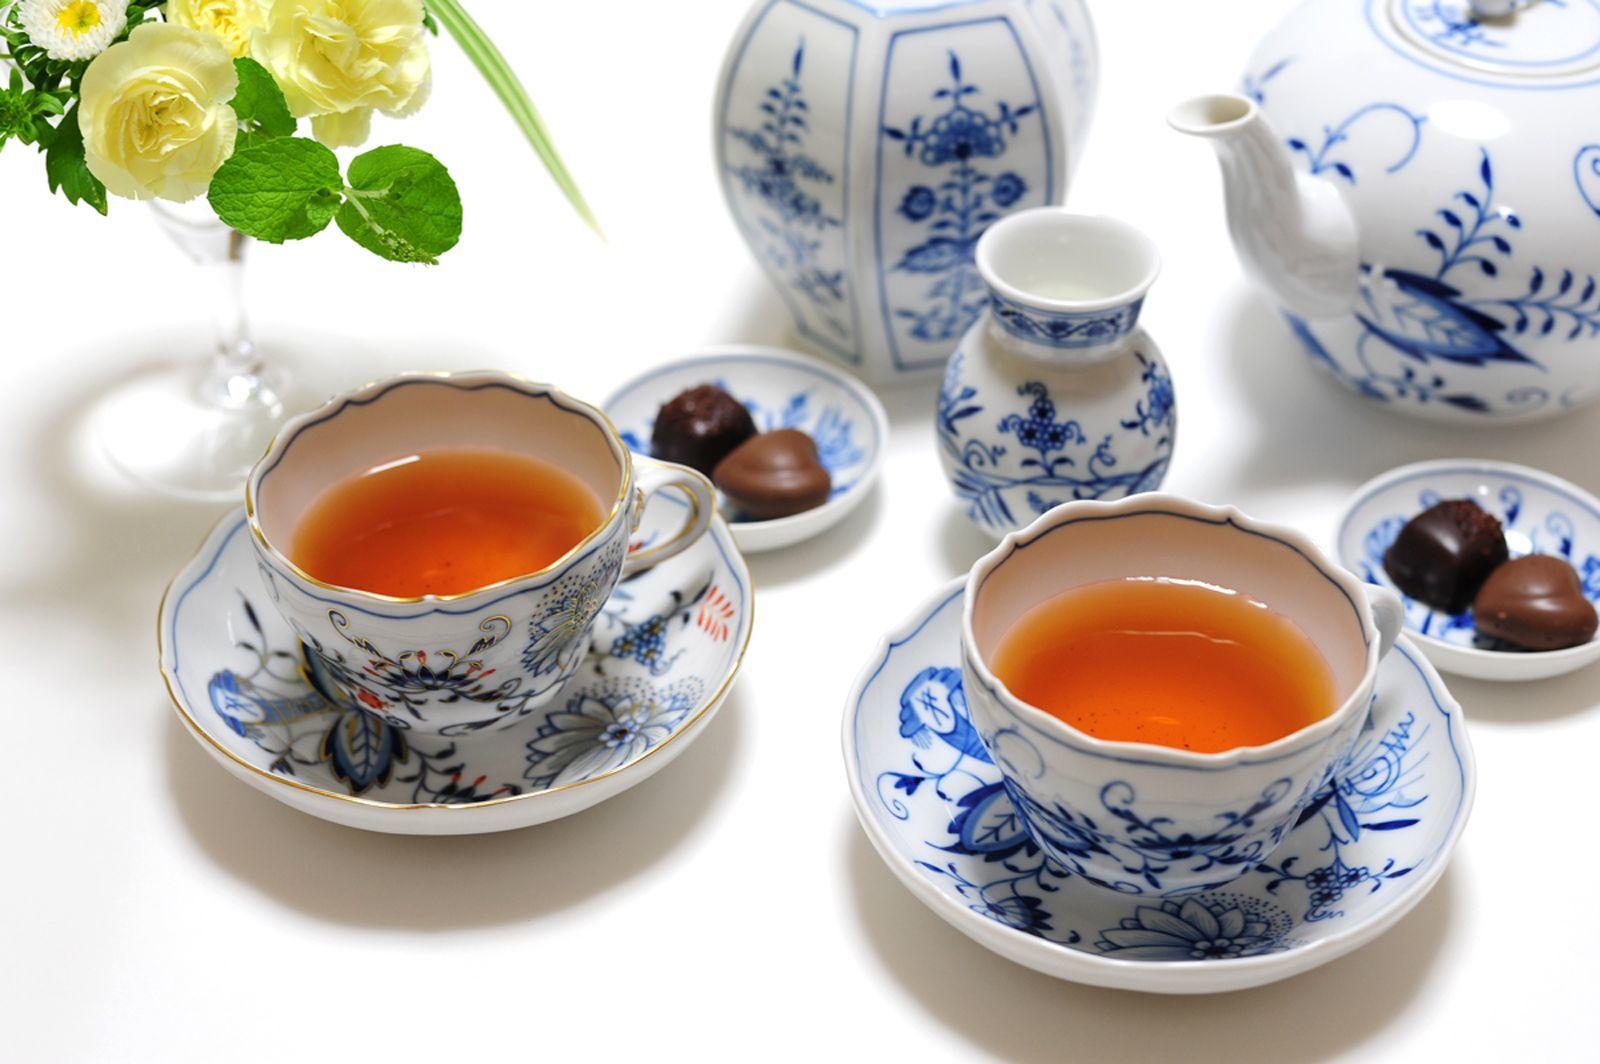 自然栽培にこだわった、無添加・無農薬の紅茶